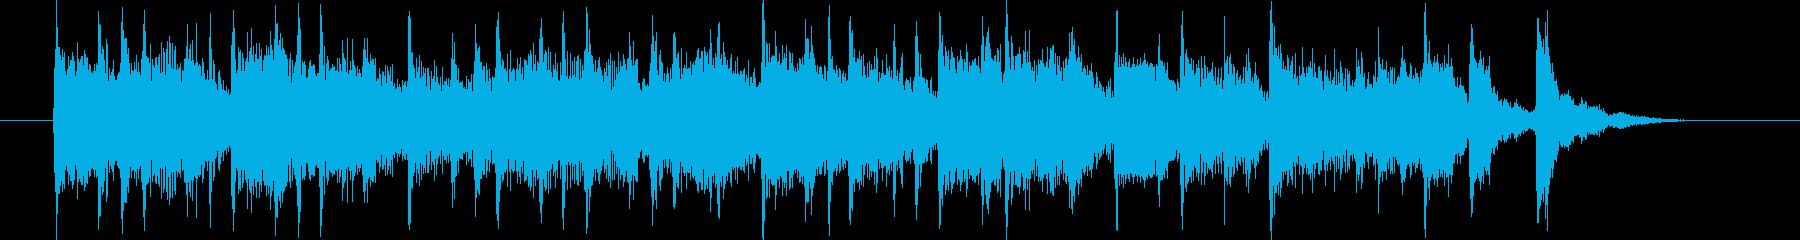 シティポップス的なバンド演奏のジングル曲の再生済みの波形